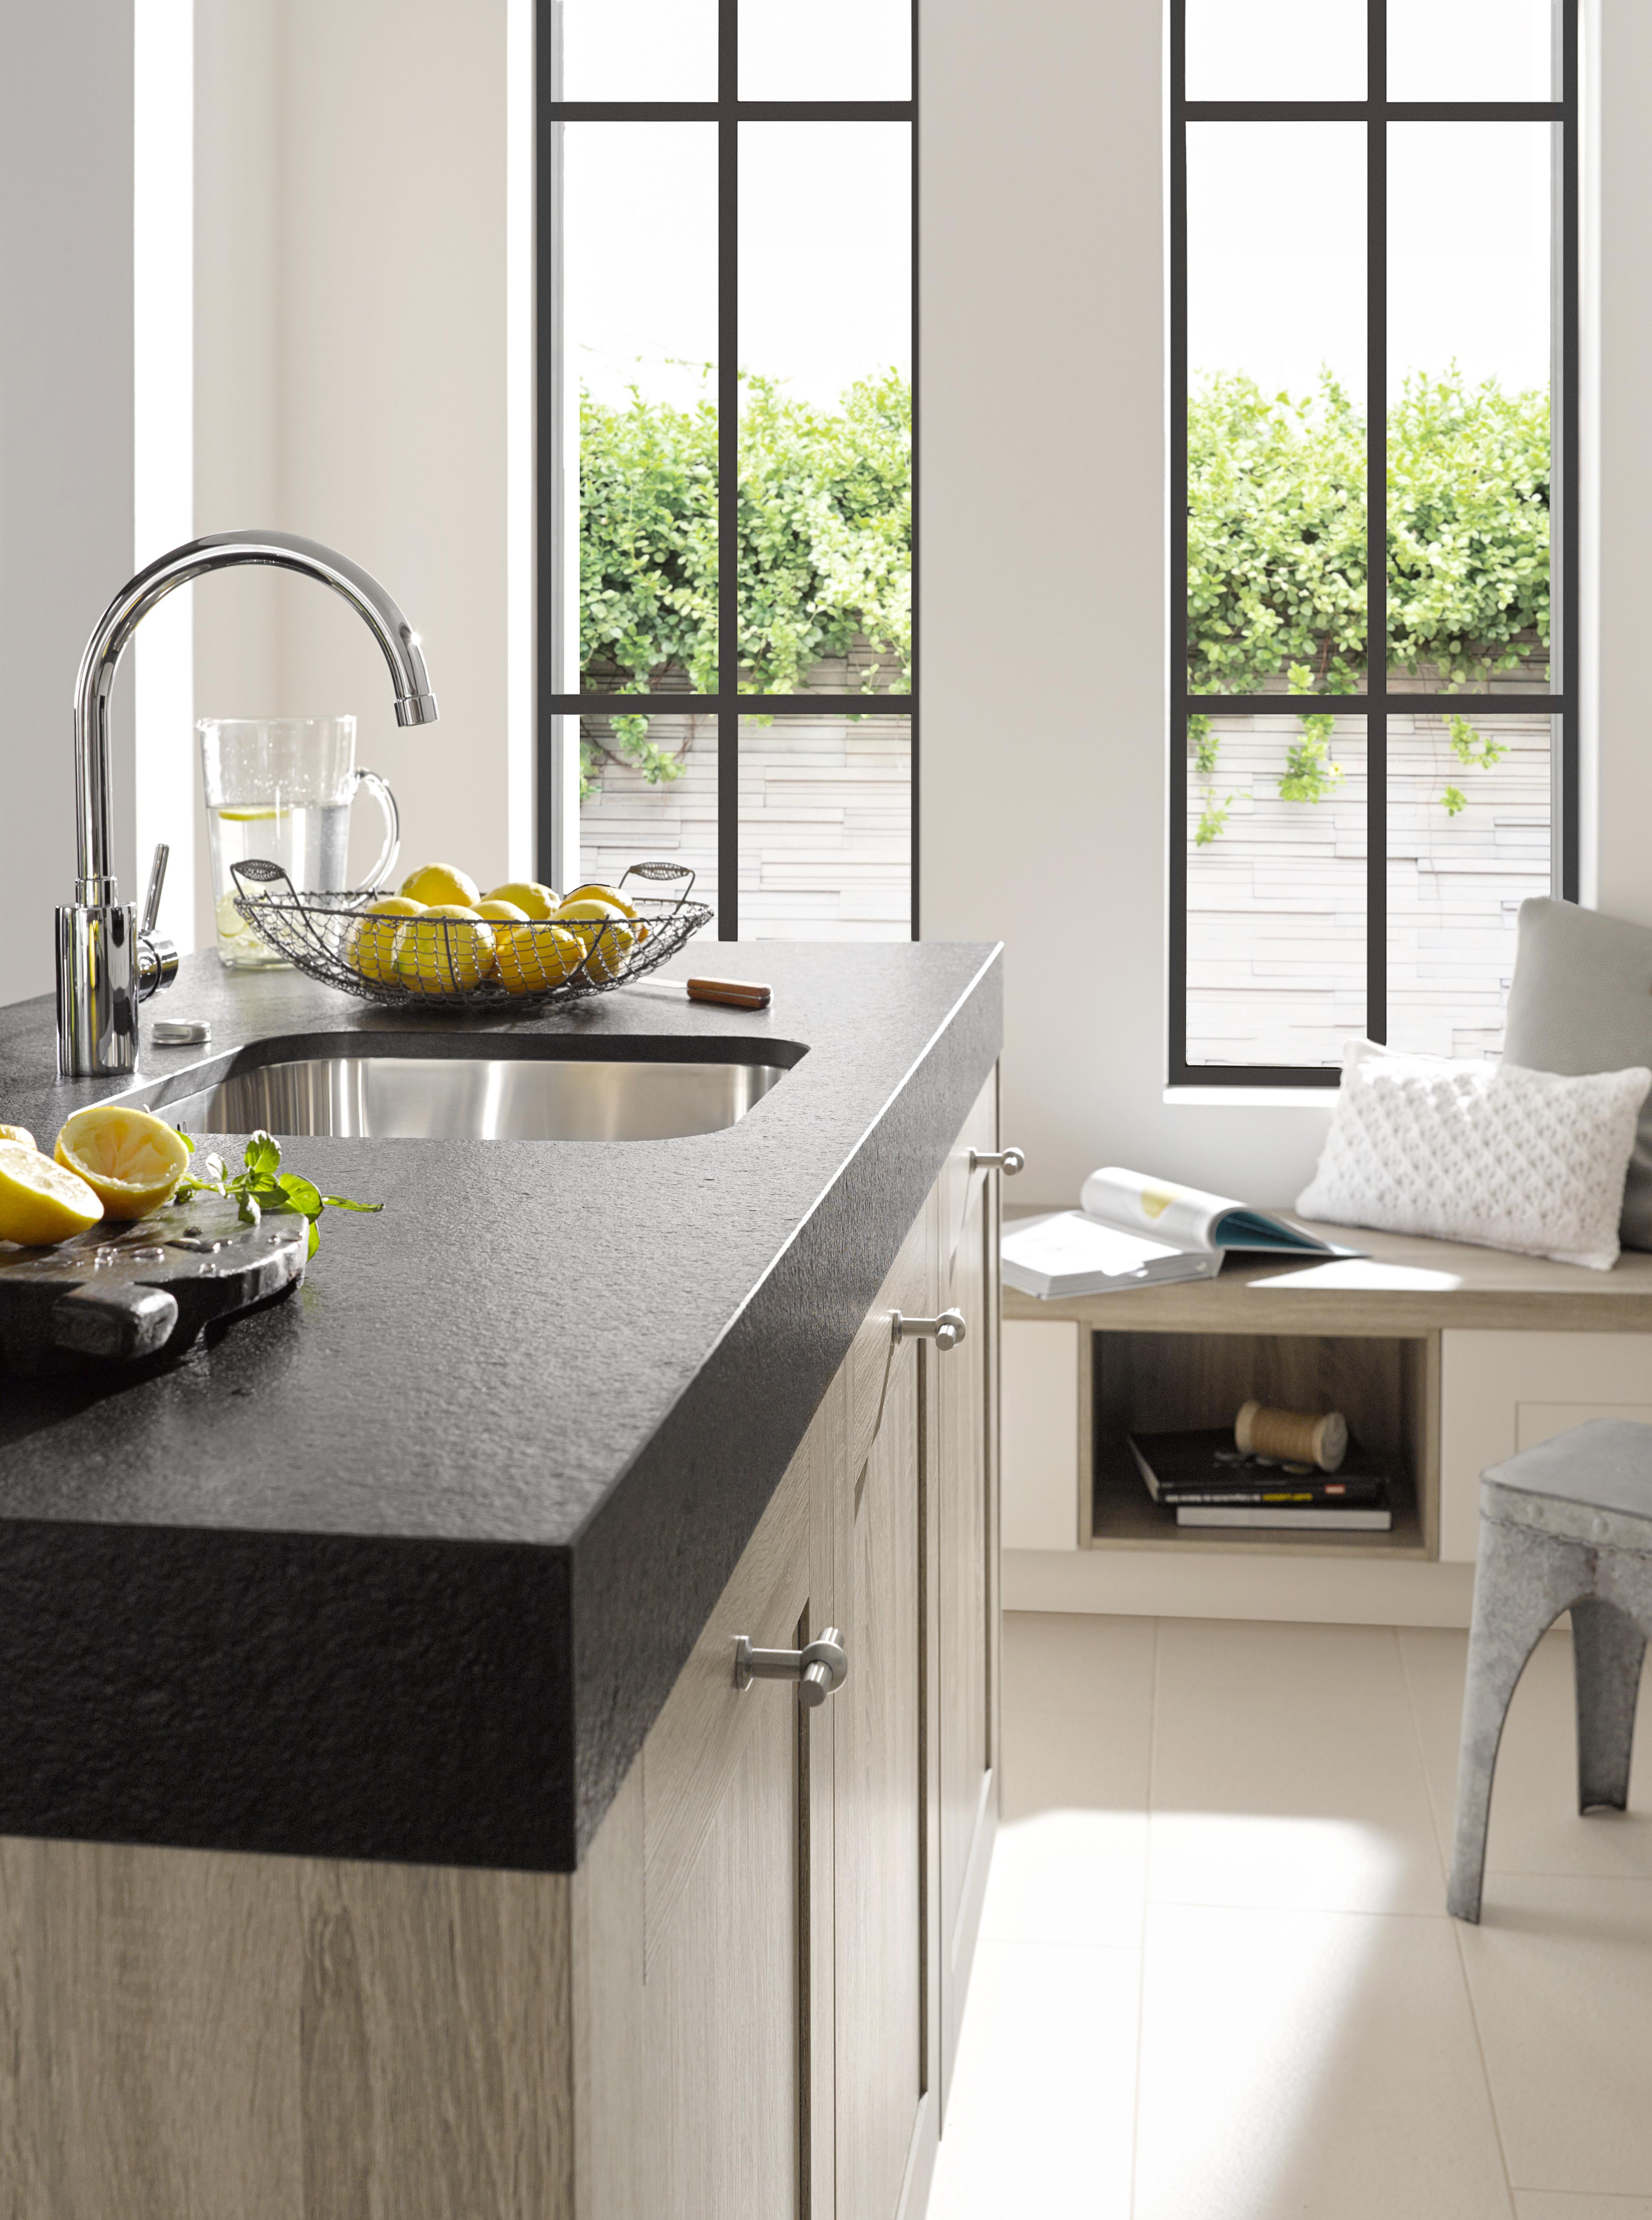 Vrei cheia succesului alege designul multifunctional - Nolte home studio ...